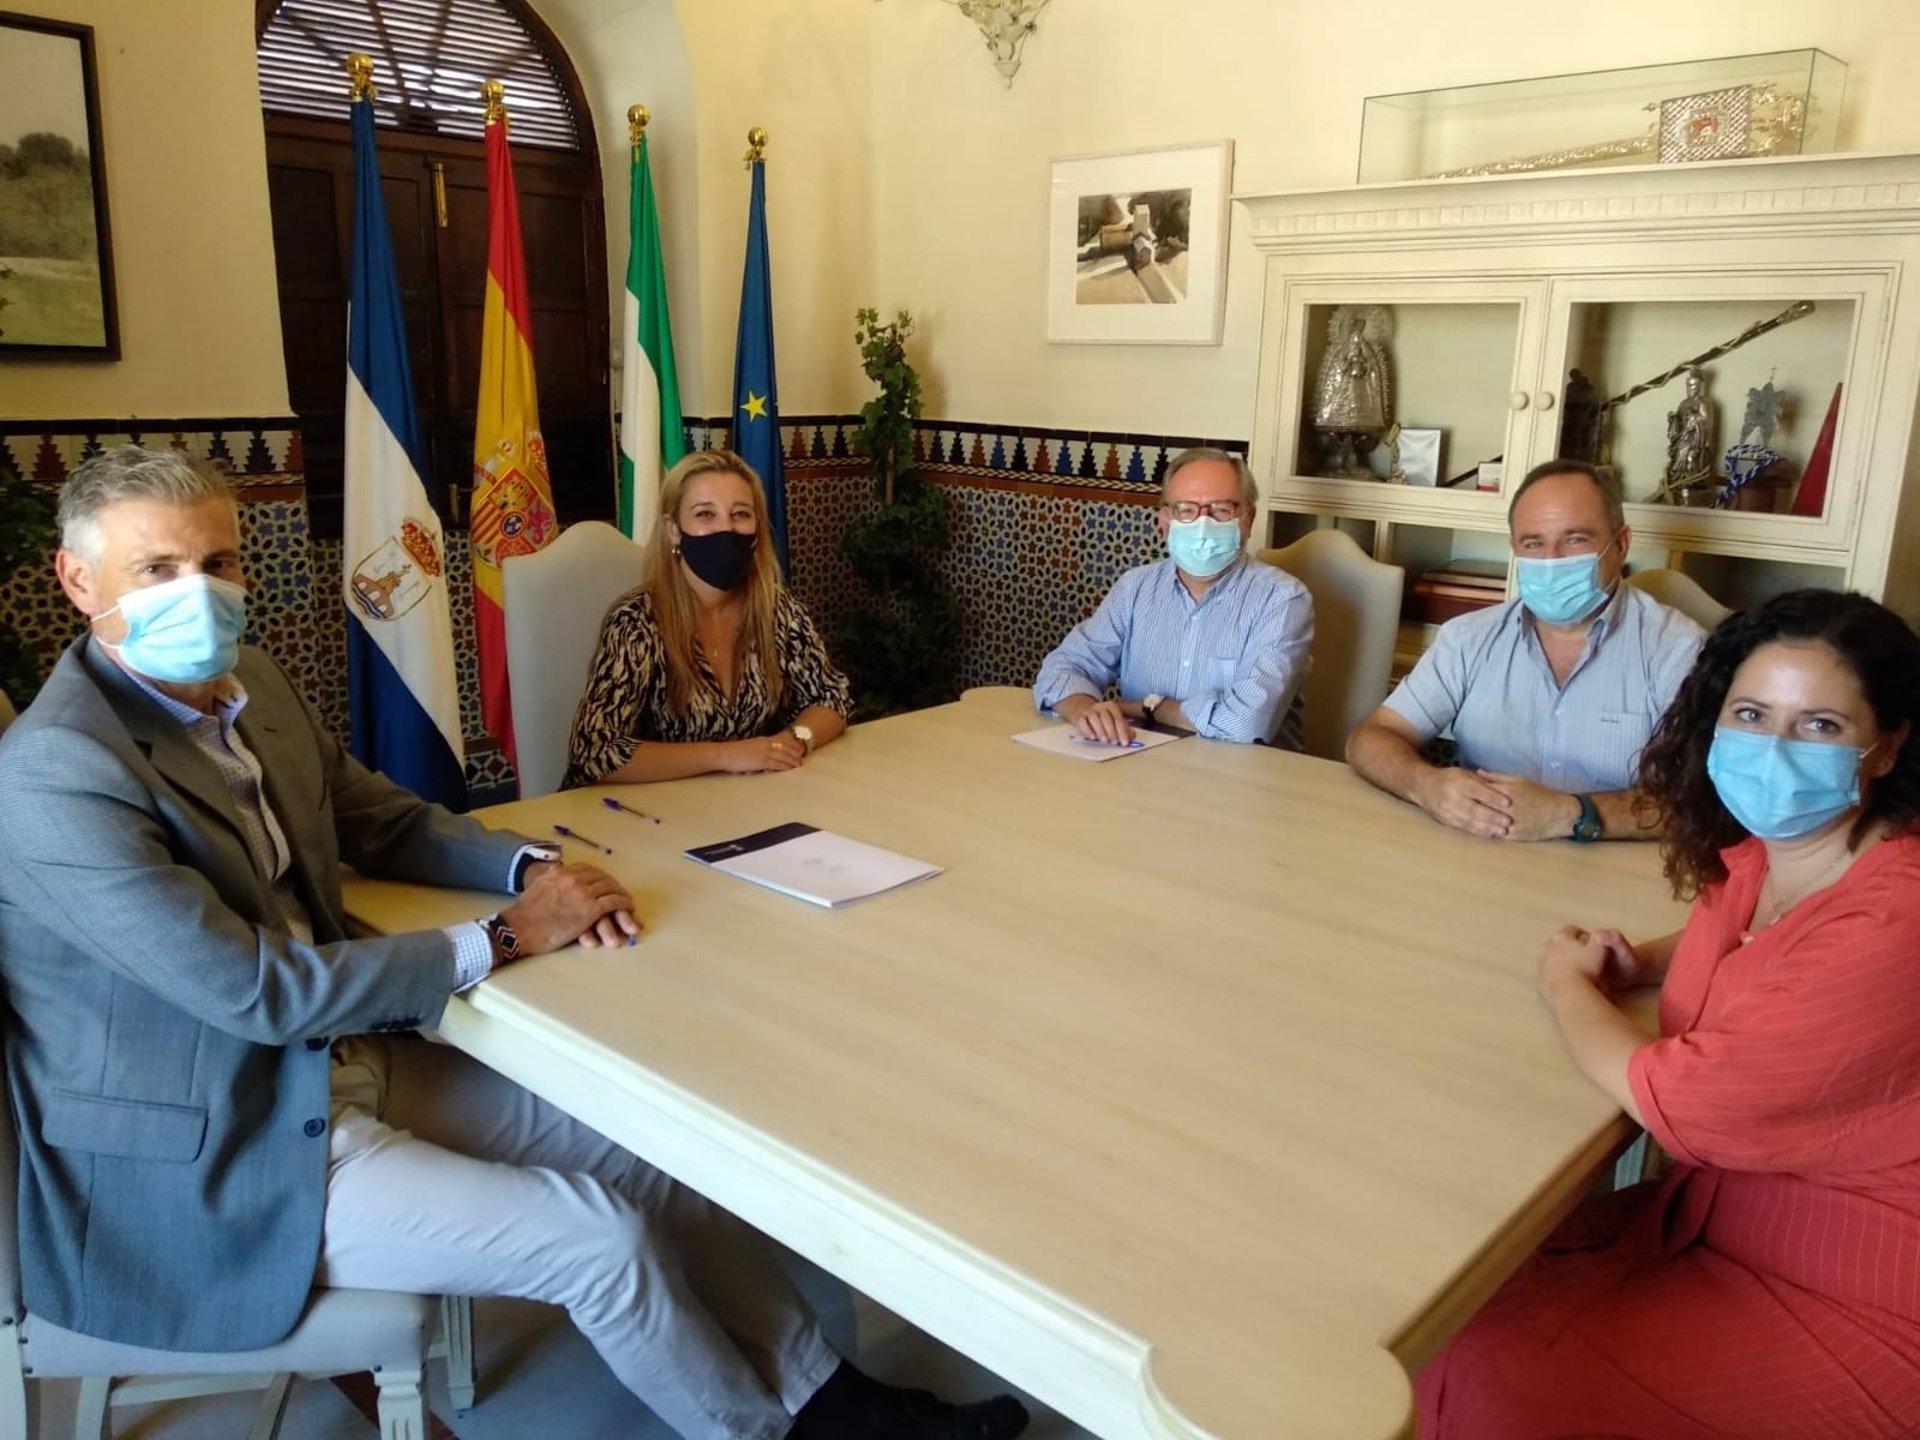 La alcaldesa de Alcalá de Guadaíra, Ana Isabel Jiménez, ha rubricado el acuerdo y compromiso de colaboración con el representante de esta entidad, Mariano Pérez de Ayala, acompañado de Antonio Muñoz, coordinador de Cáritas Arciprestal de Alcalá.